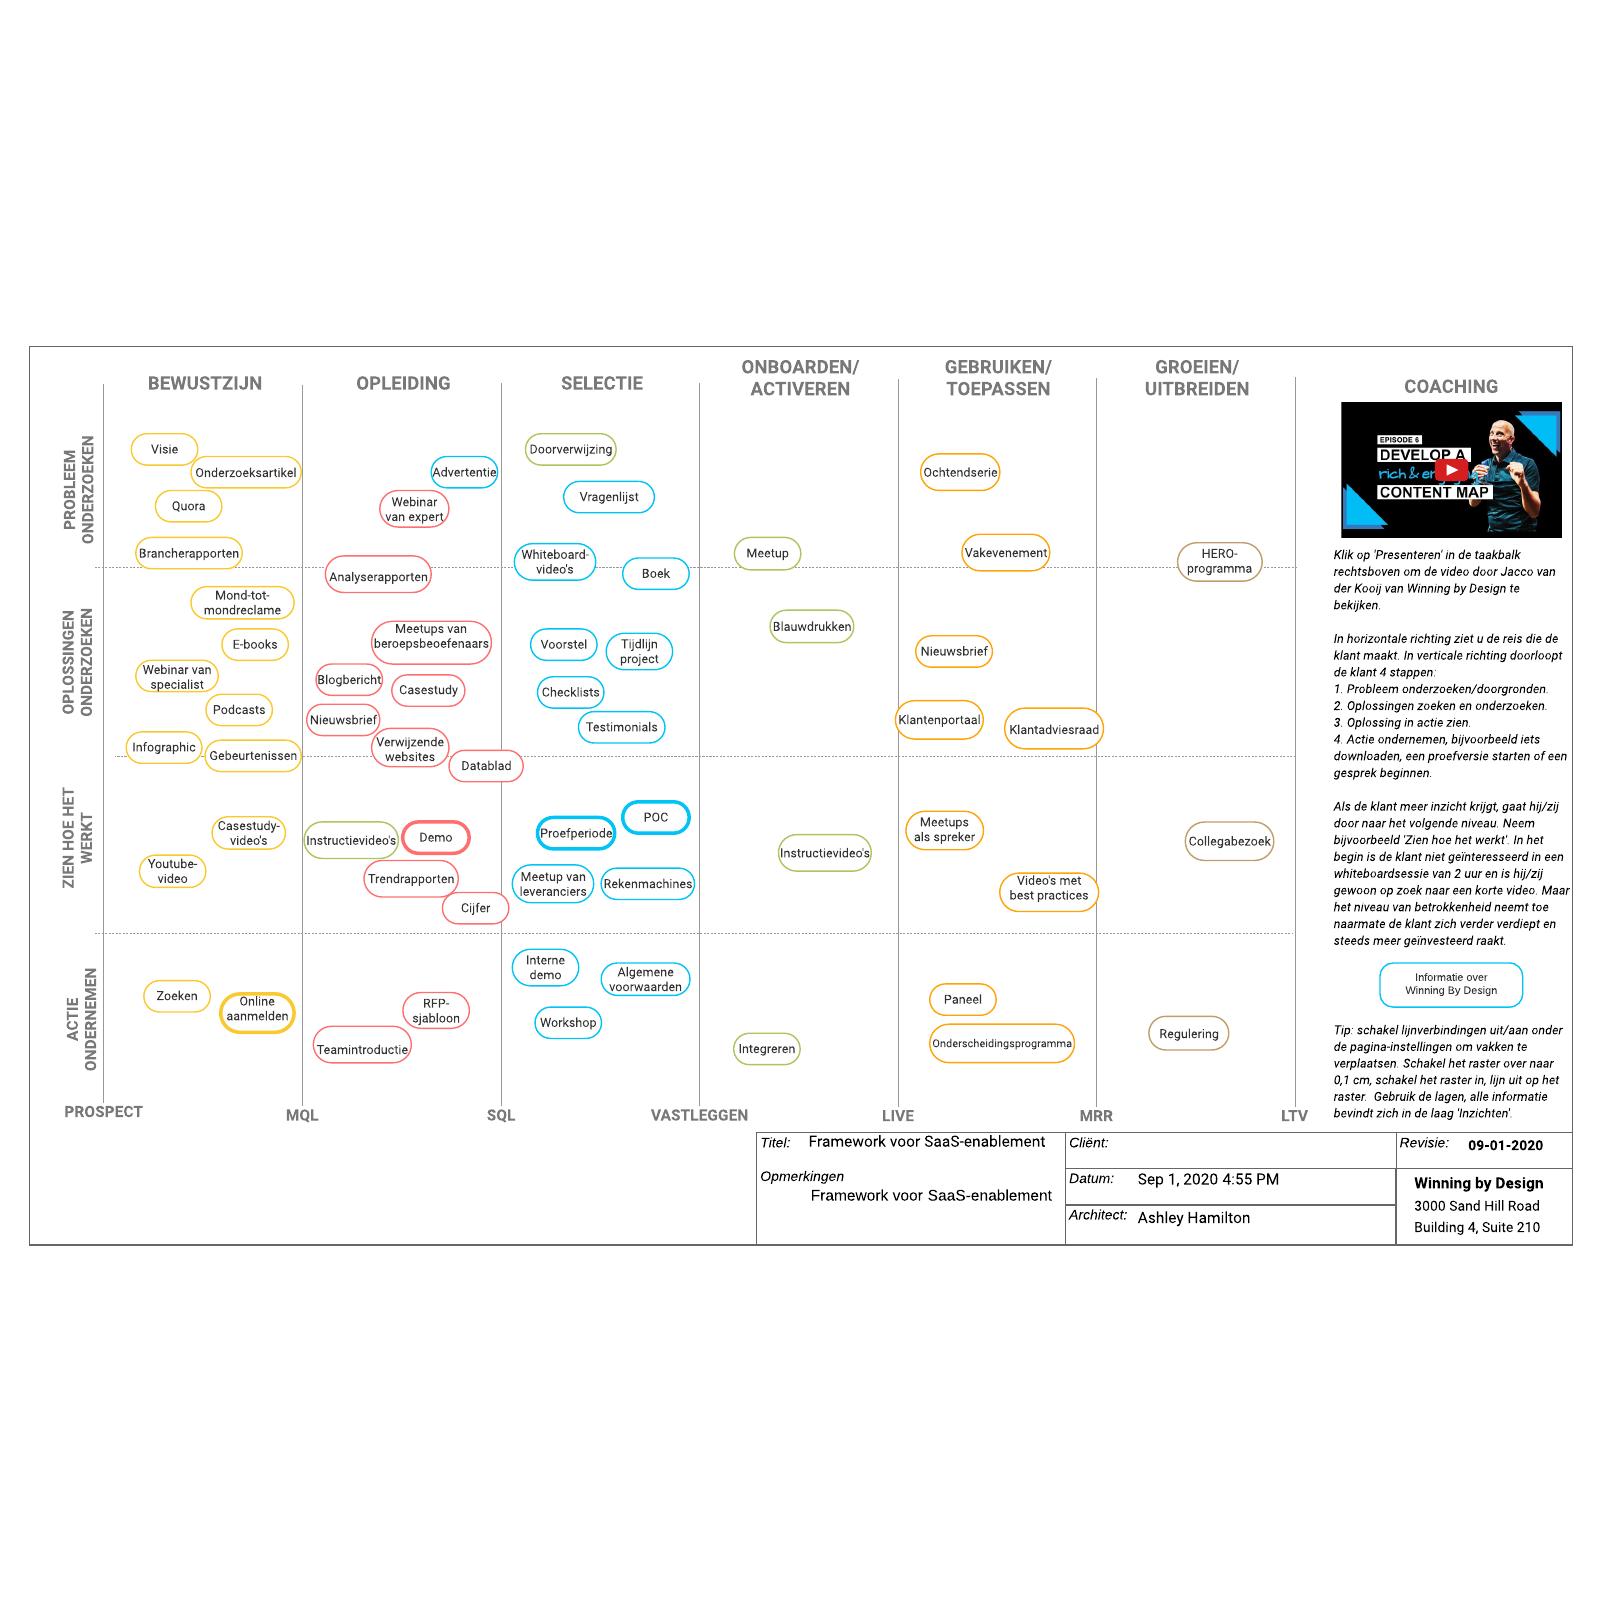 Framework voor SaaS-enablement